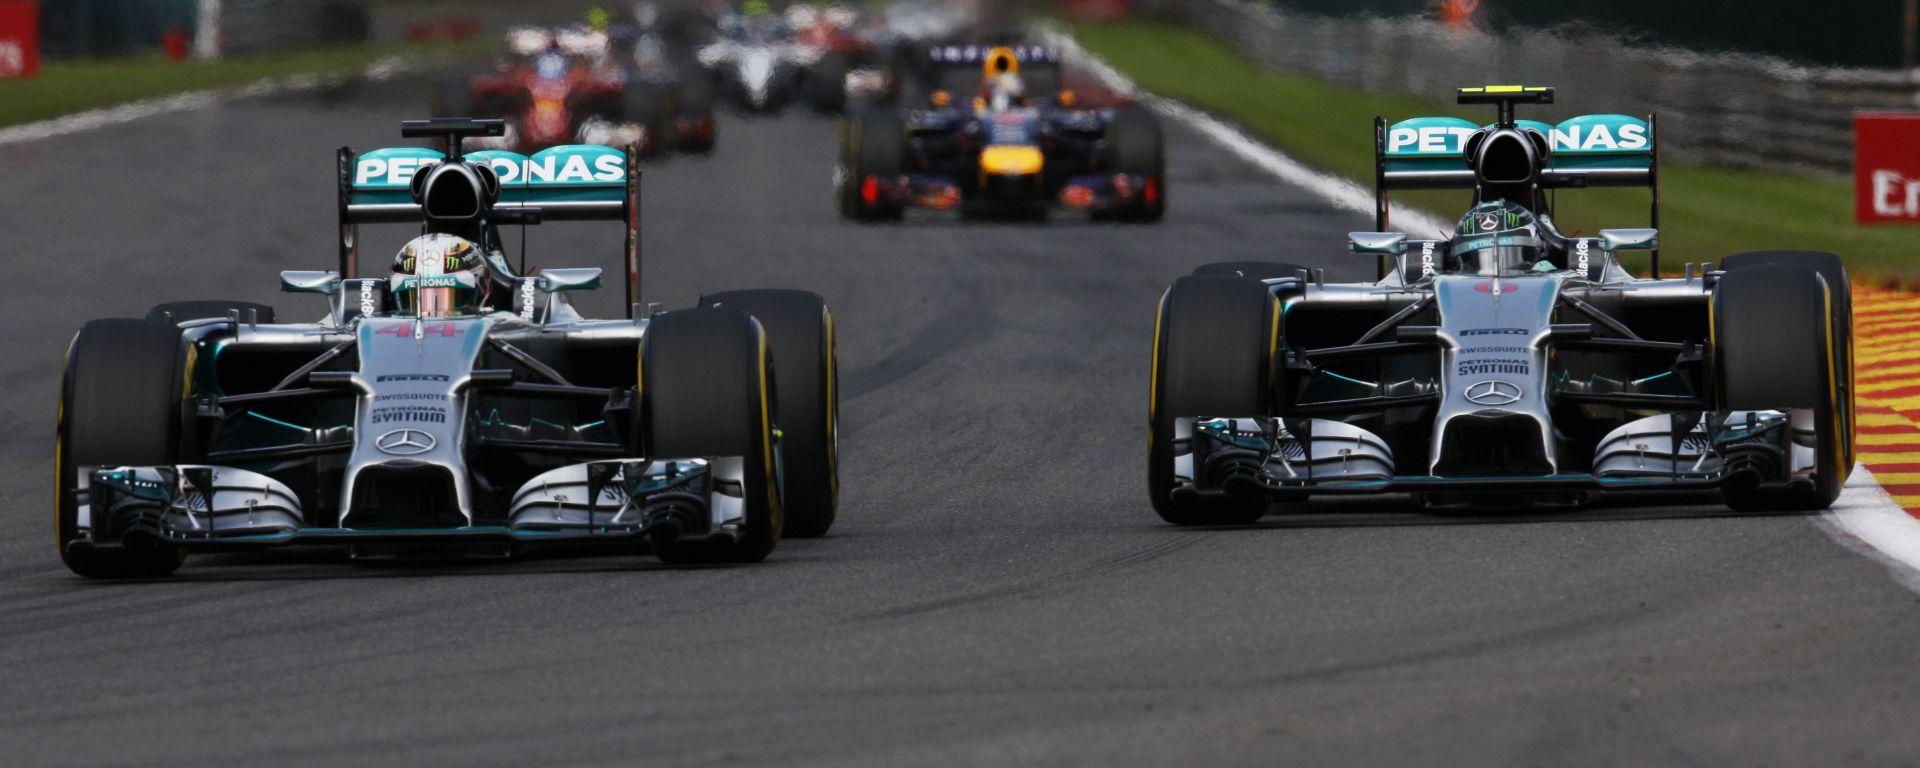 F1, GP Belgio 2014: Lewis Hamilton e Nico Rosberg (Mercedes) in battaglia